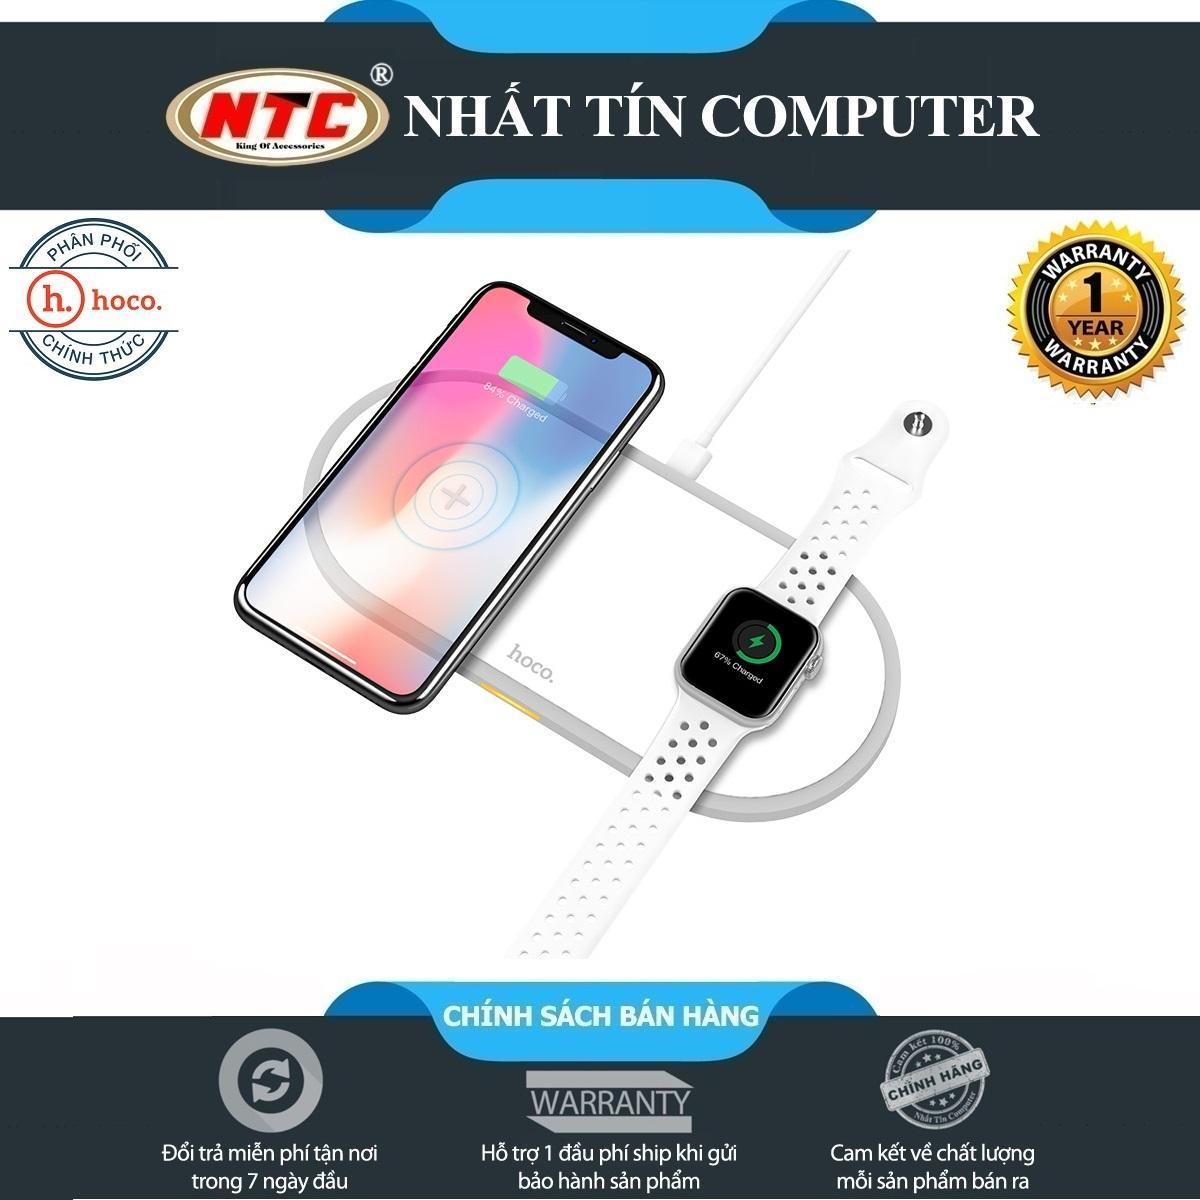 Đế sạc không dây đa năng 2in1 Hoco CW20 max 10W dành cho điện thoại / đồng  hồ thông minh - Hãng phân phối chính thức